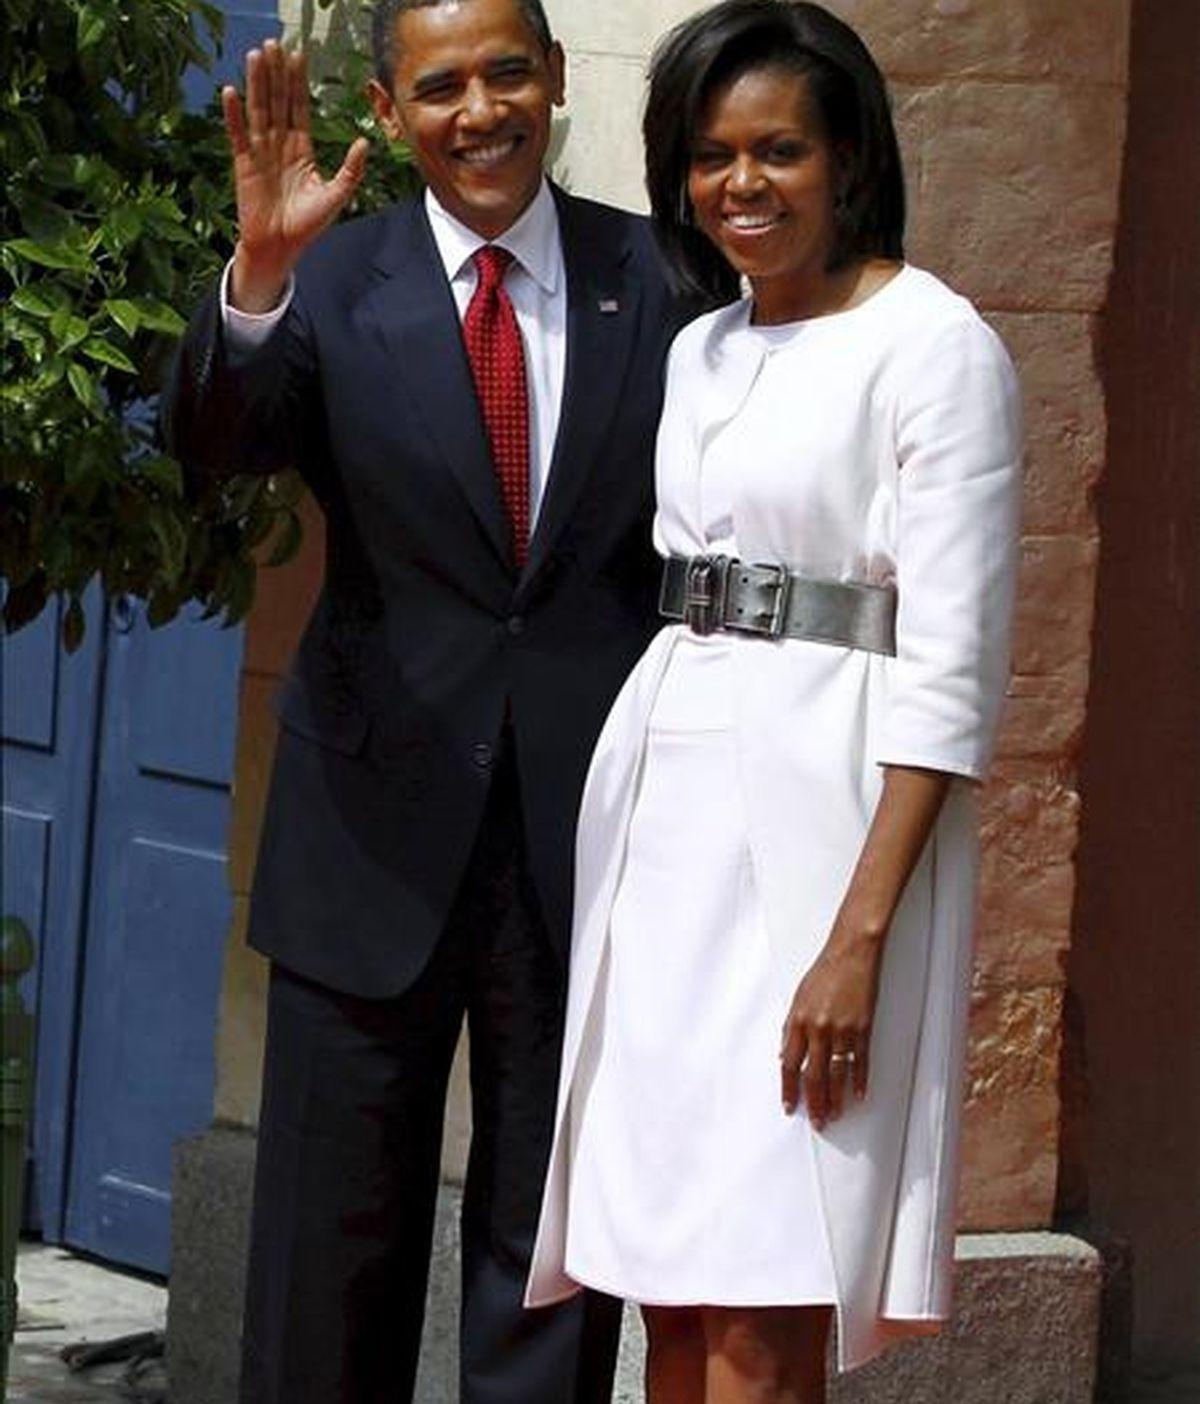 El presidente estadounidense, Barack Obama y su mujer Michelle, ayer en Francia. EFE